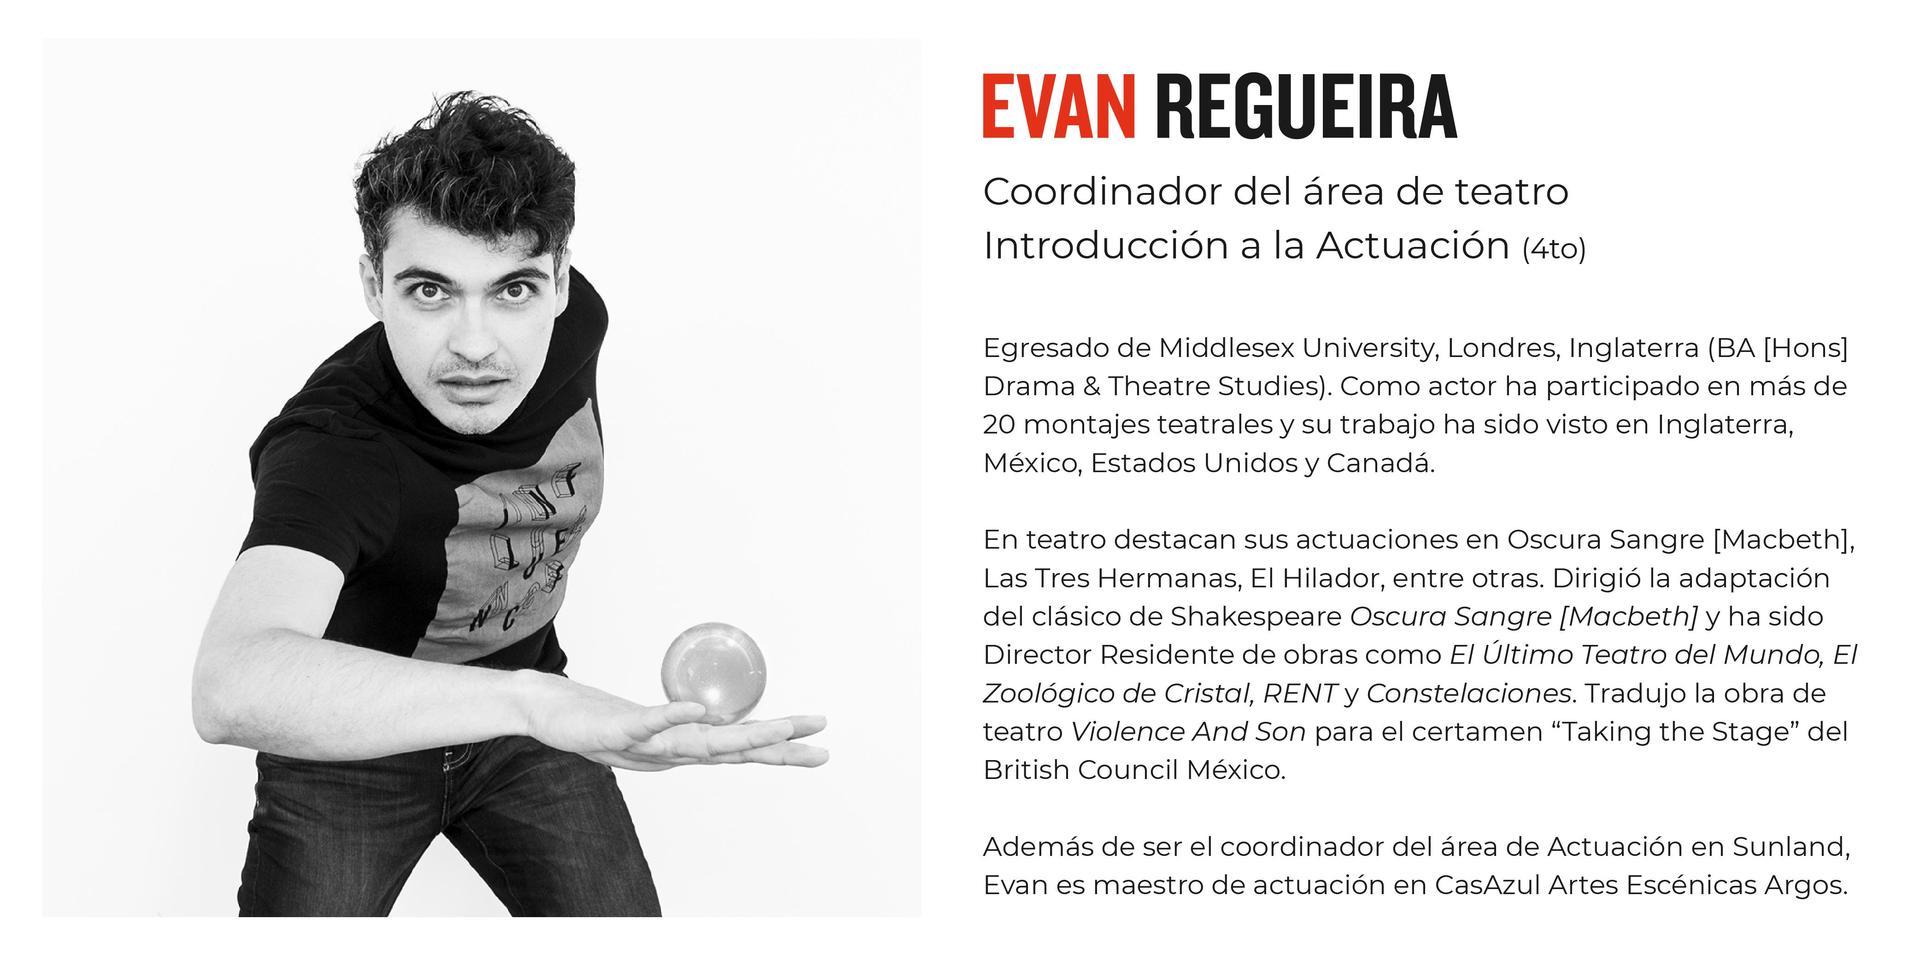 Evan Regueira